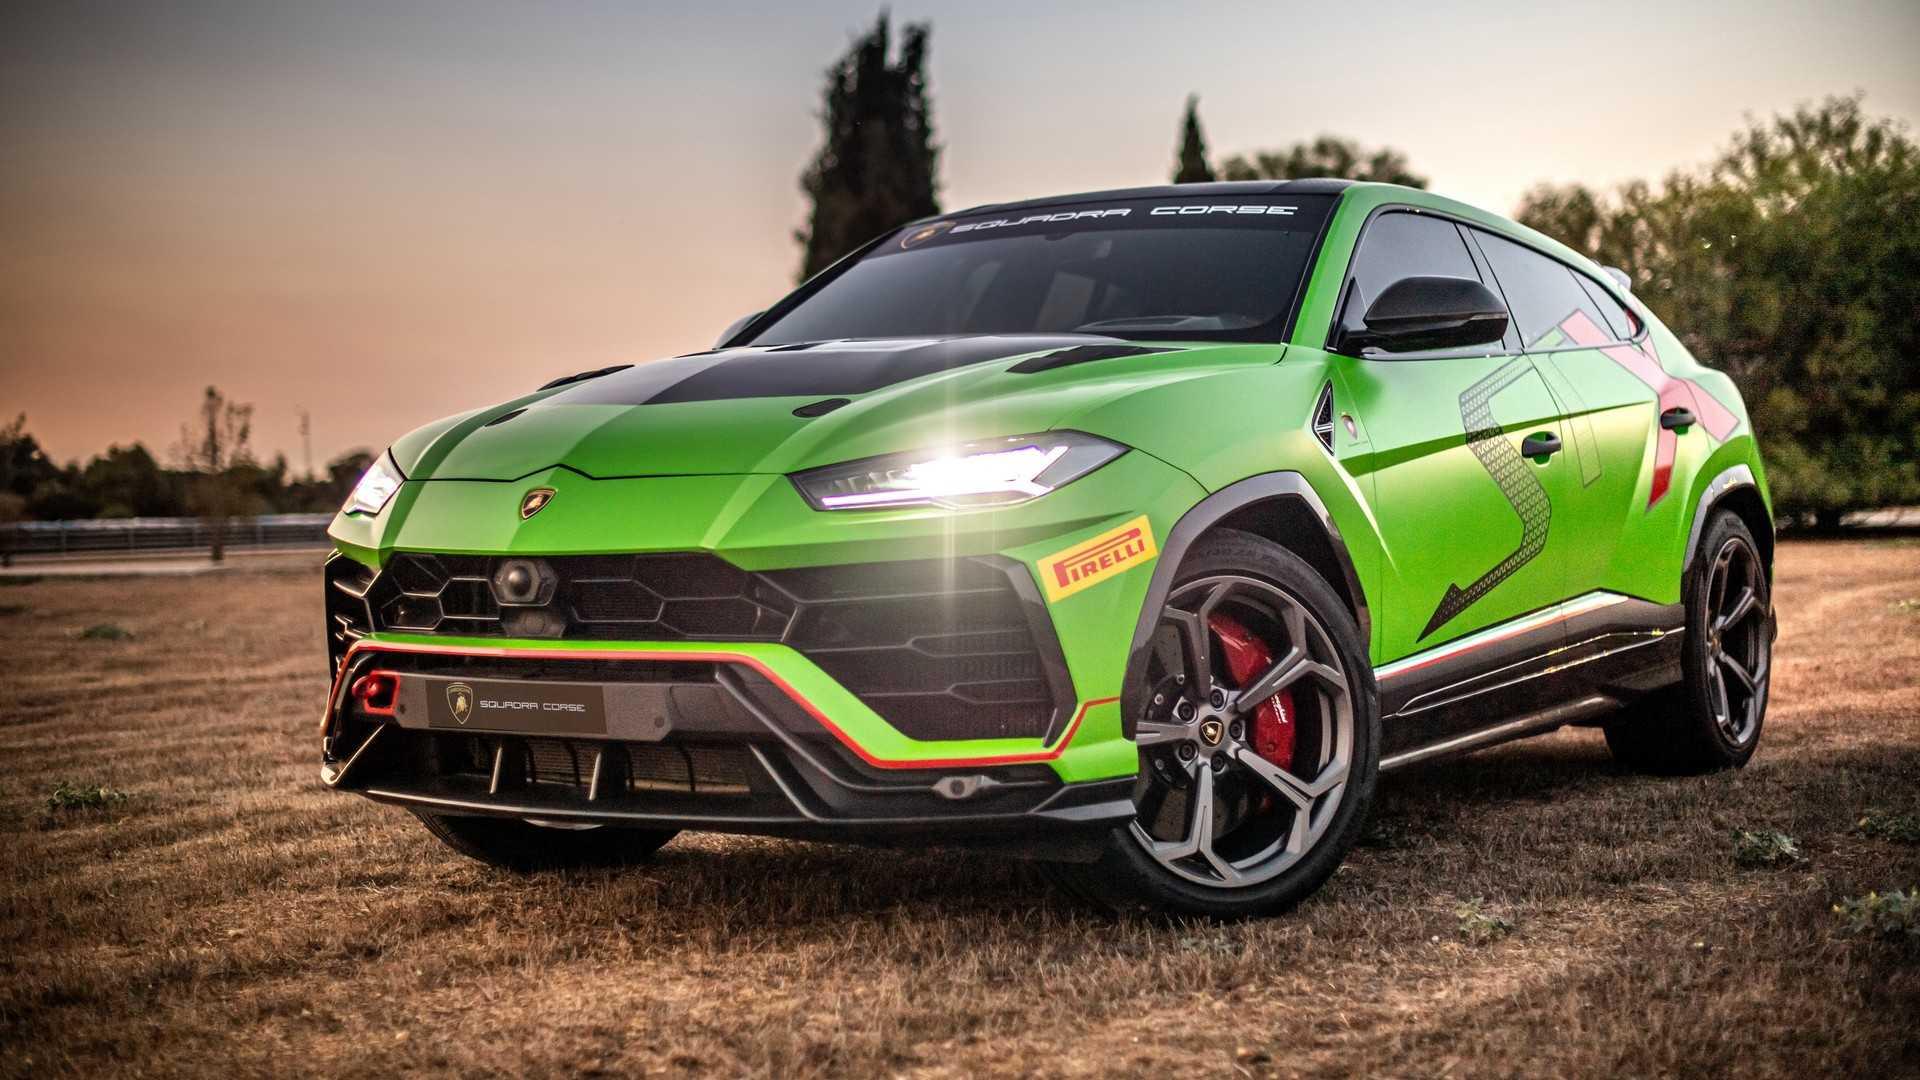 Lamborghini Urus 2020 Wallpapers Top Free Lamborghini Urus 2020 Backgrounds Wallpaperaccess